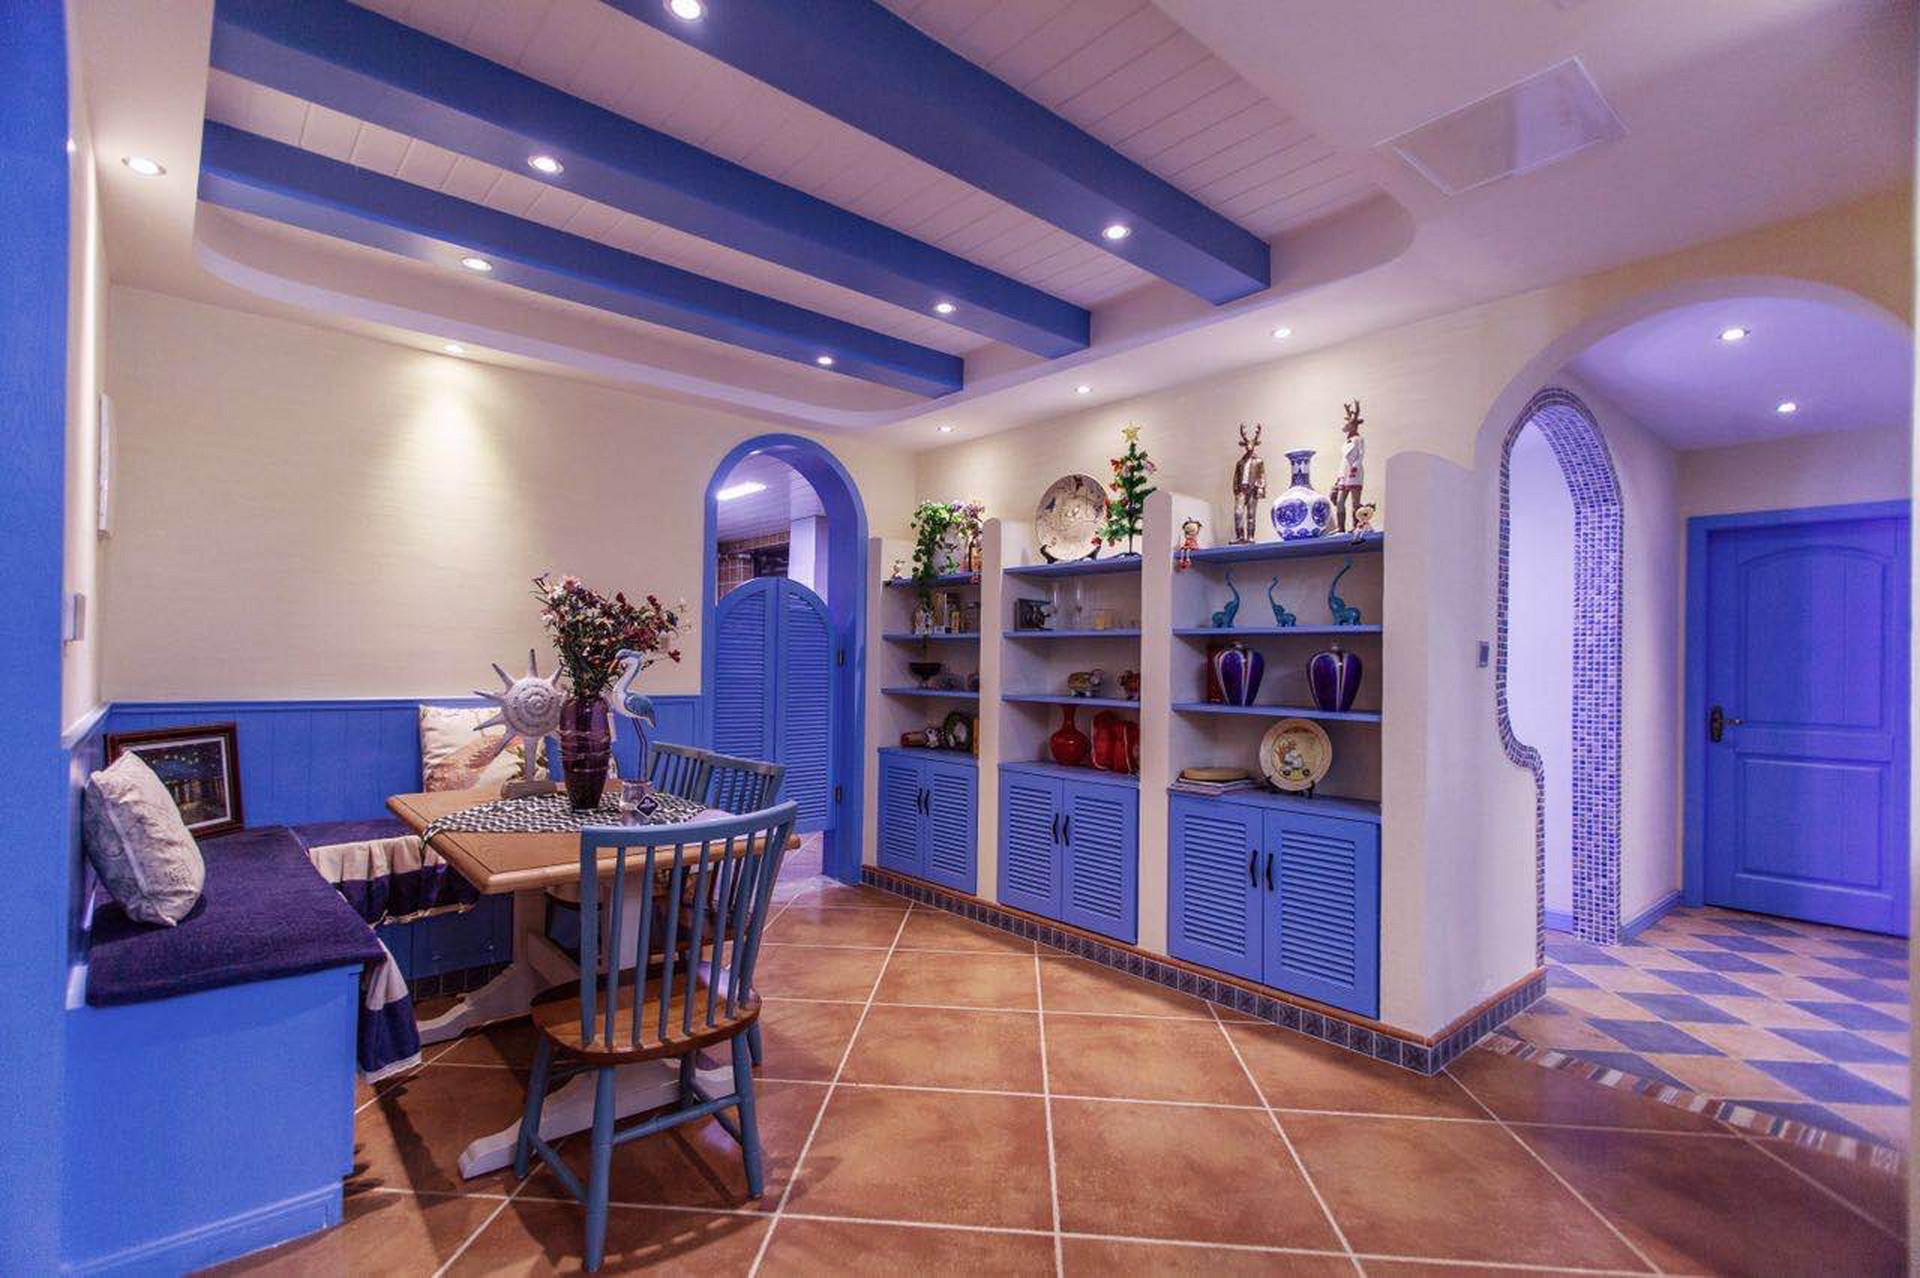 两室一厅装修需要费用高吗,怎么减少费用?